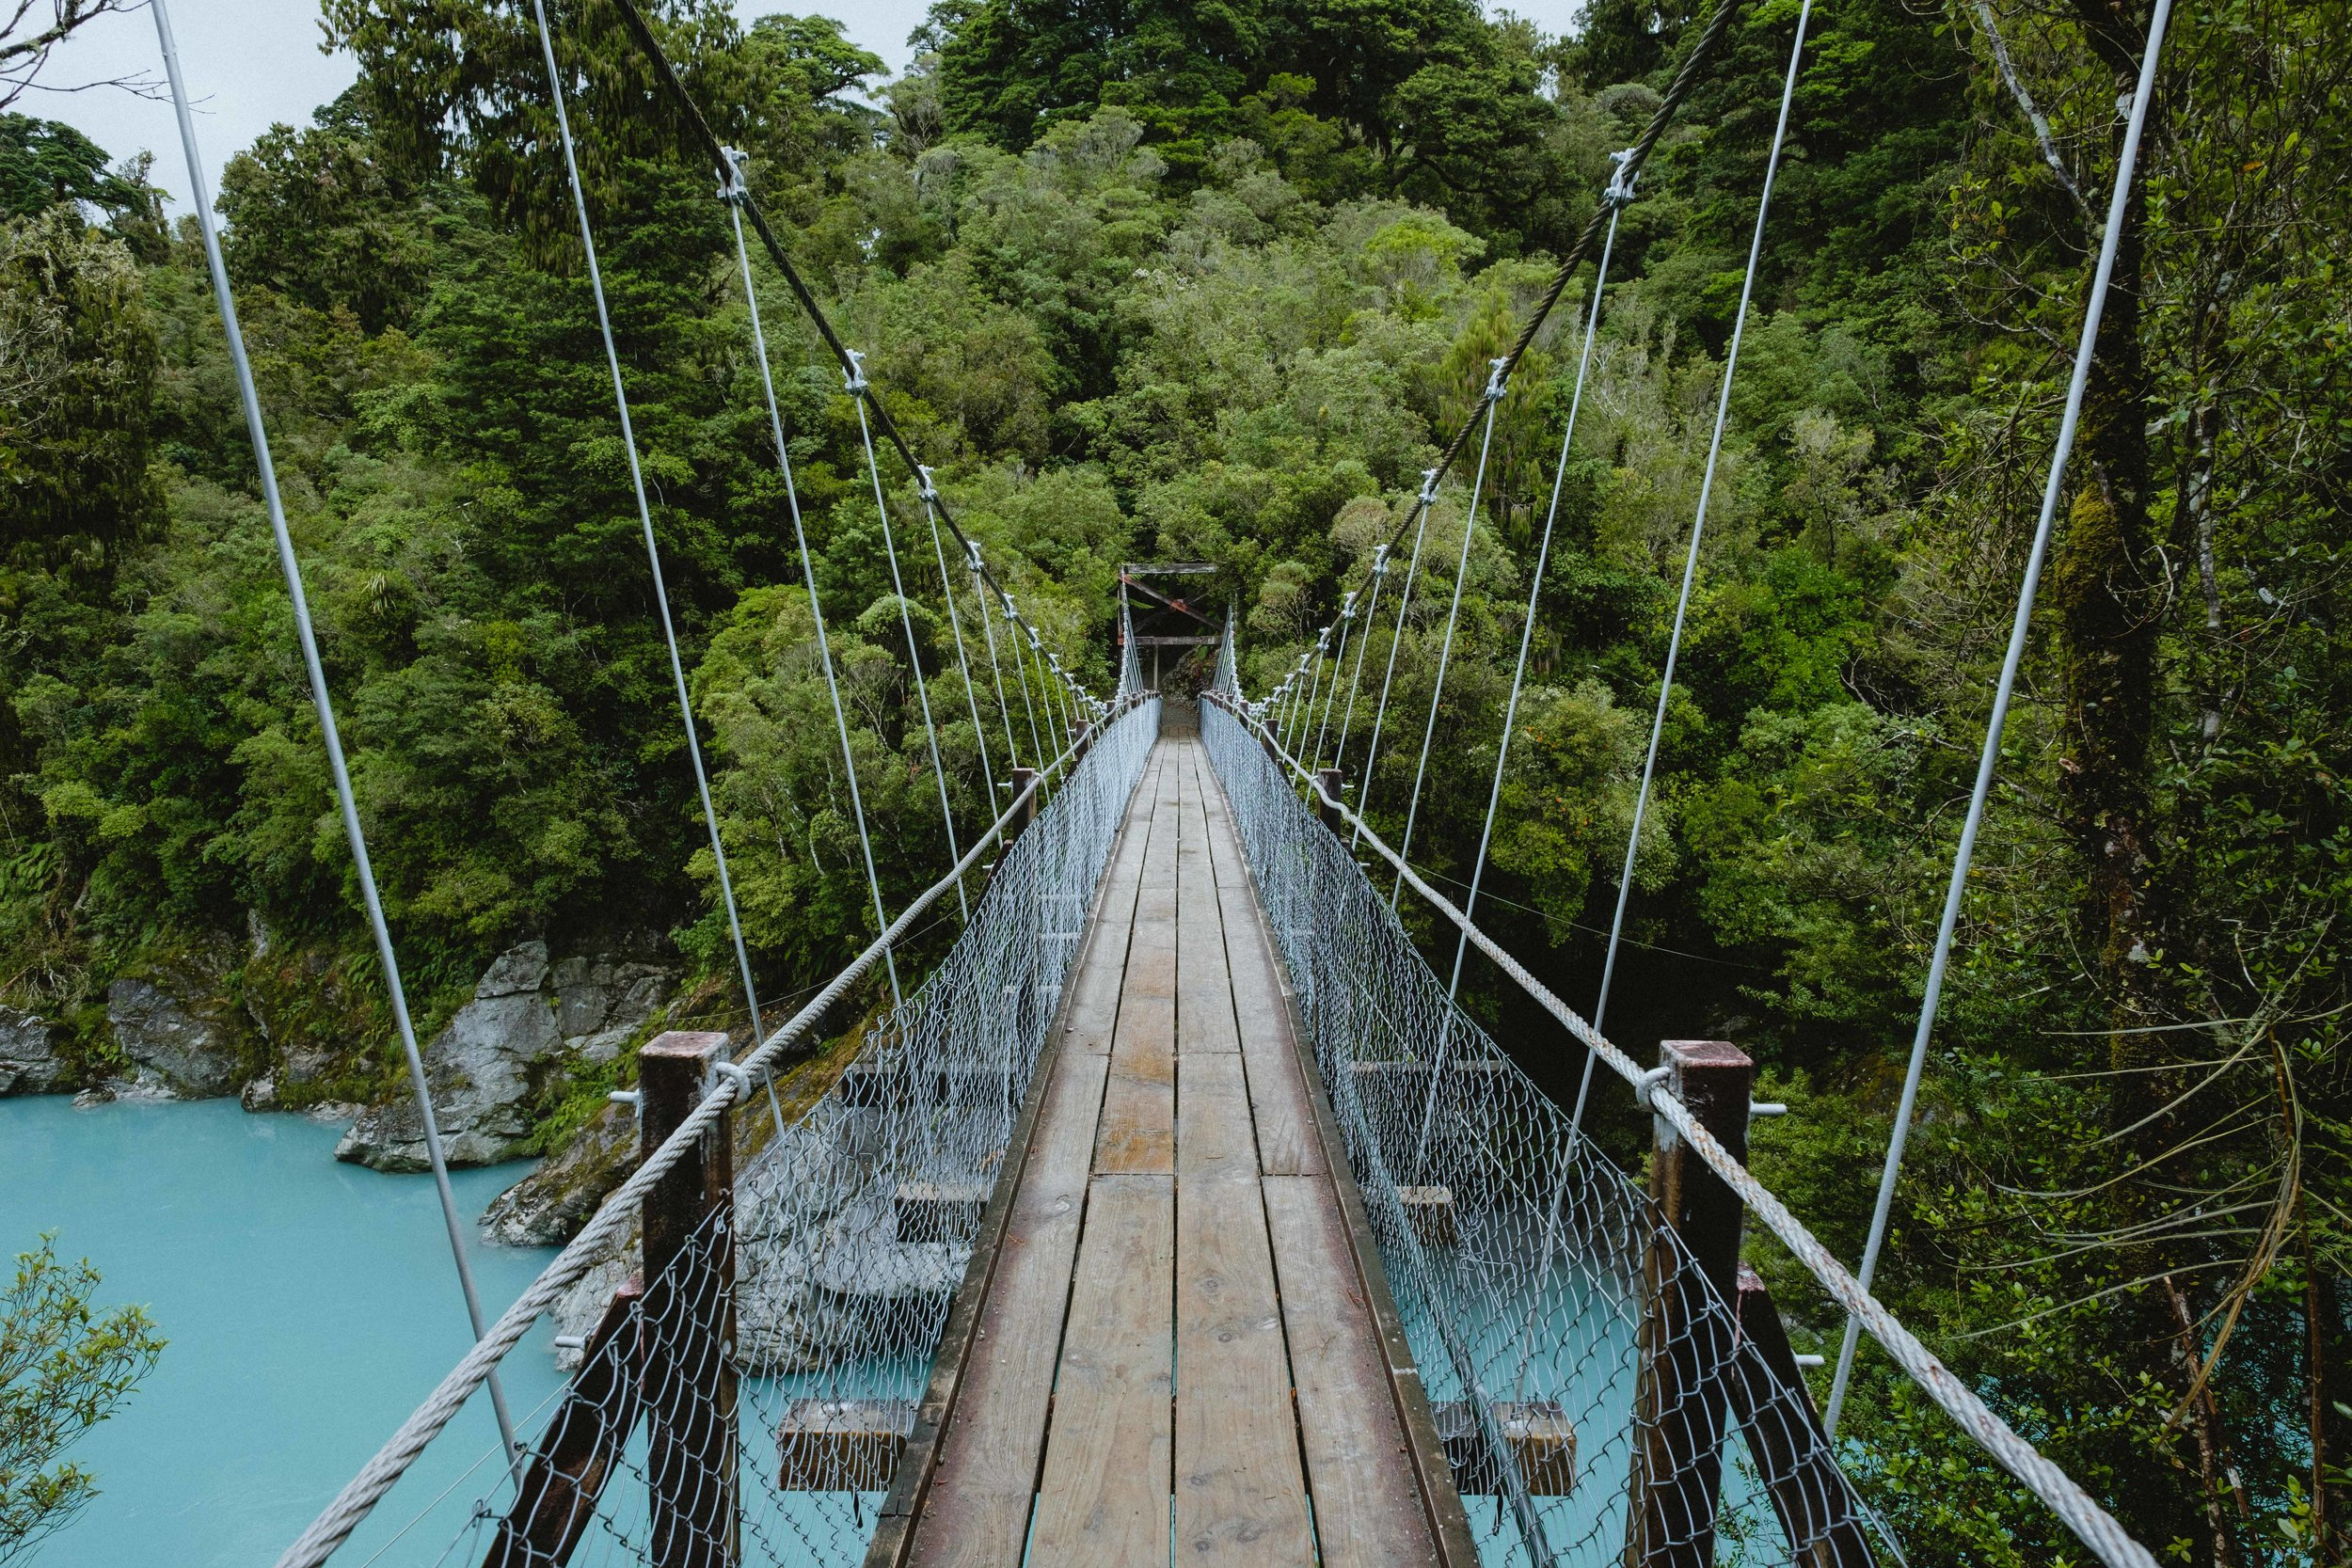 et pour couronner le tout, un petit pont suspendu ! ..eh oui, il y en a jamais trop :P